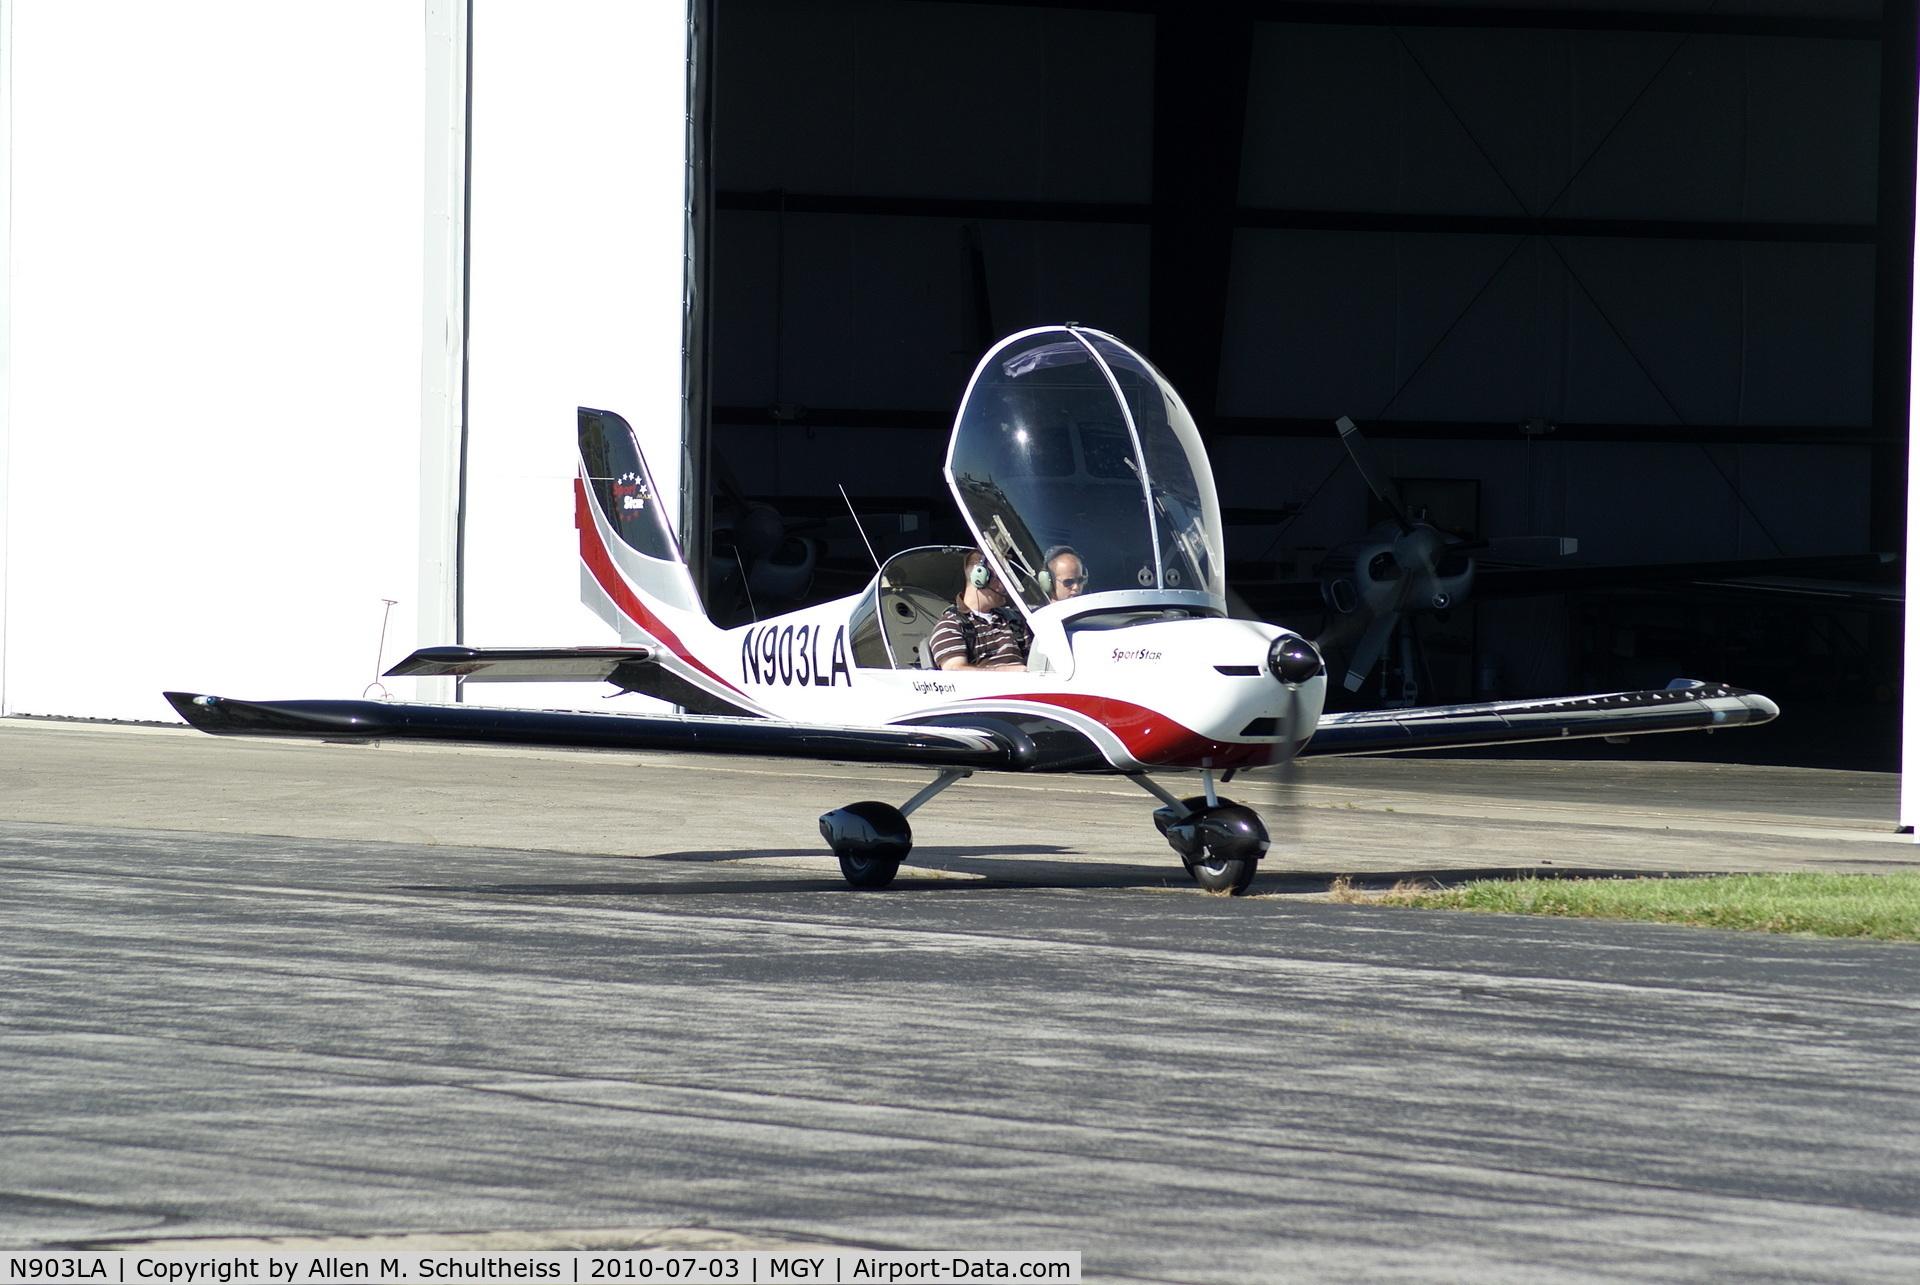 N903LA, 2007 Evektor-Aerotechnik SPORTSTAR PLUS C/N 2007 0903, 2007 Sportstar Plus